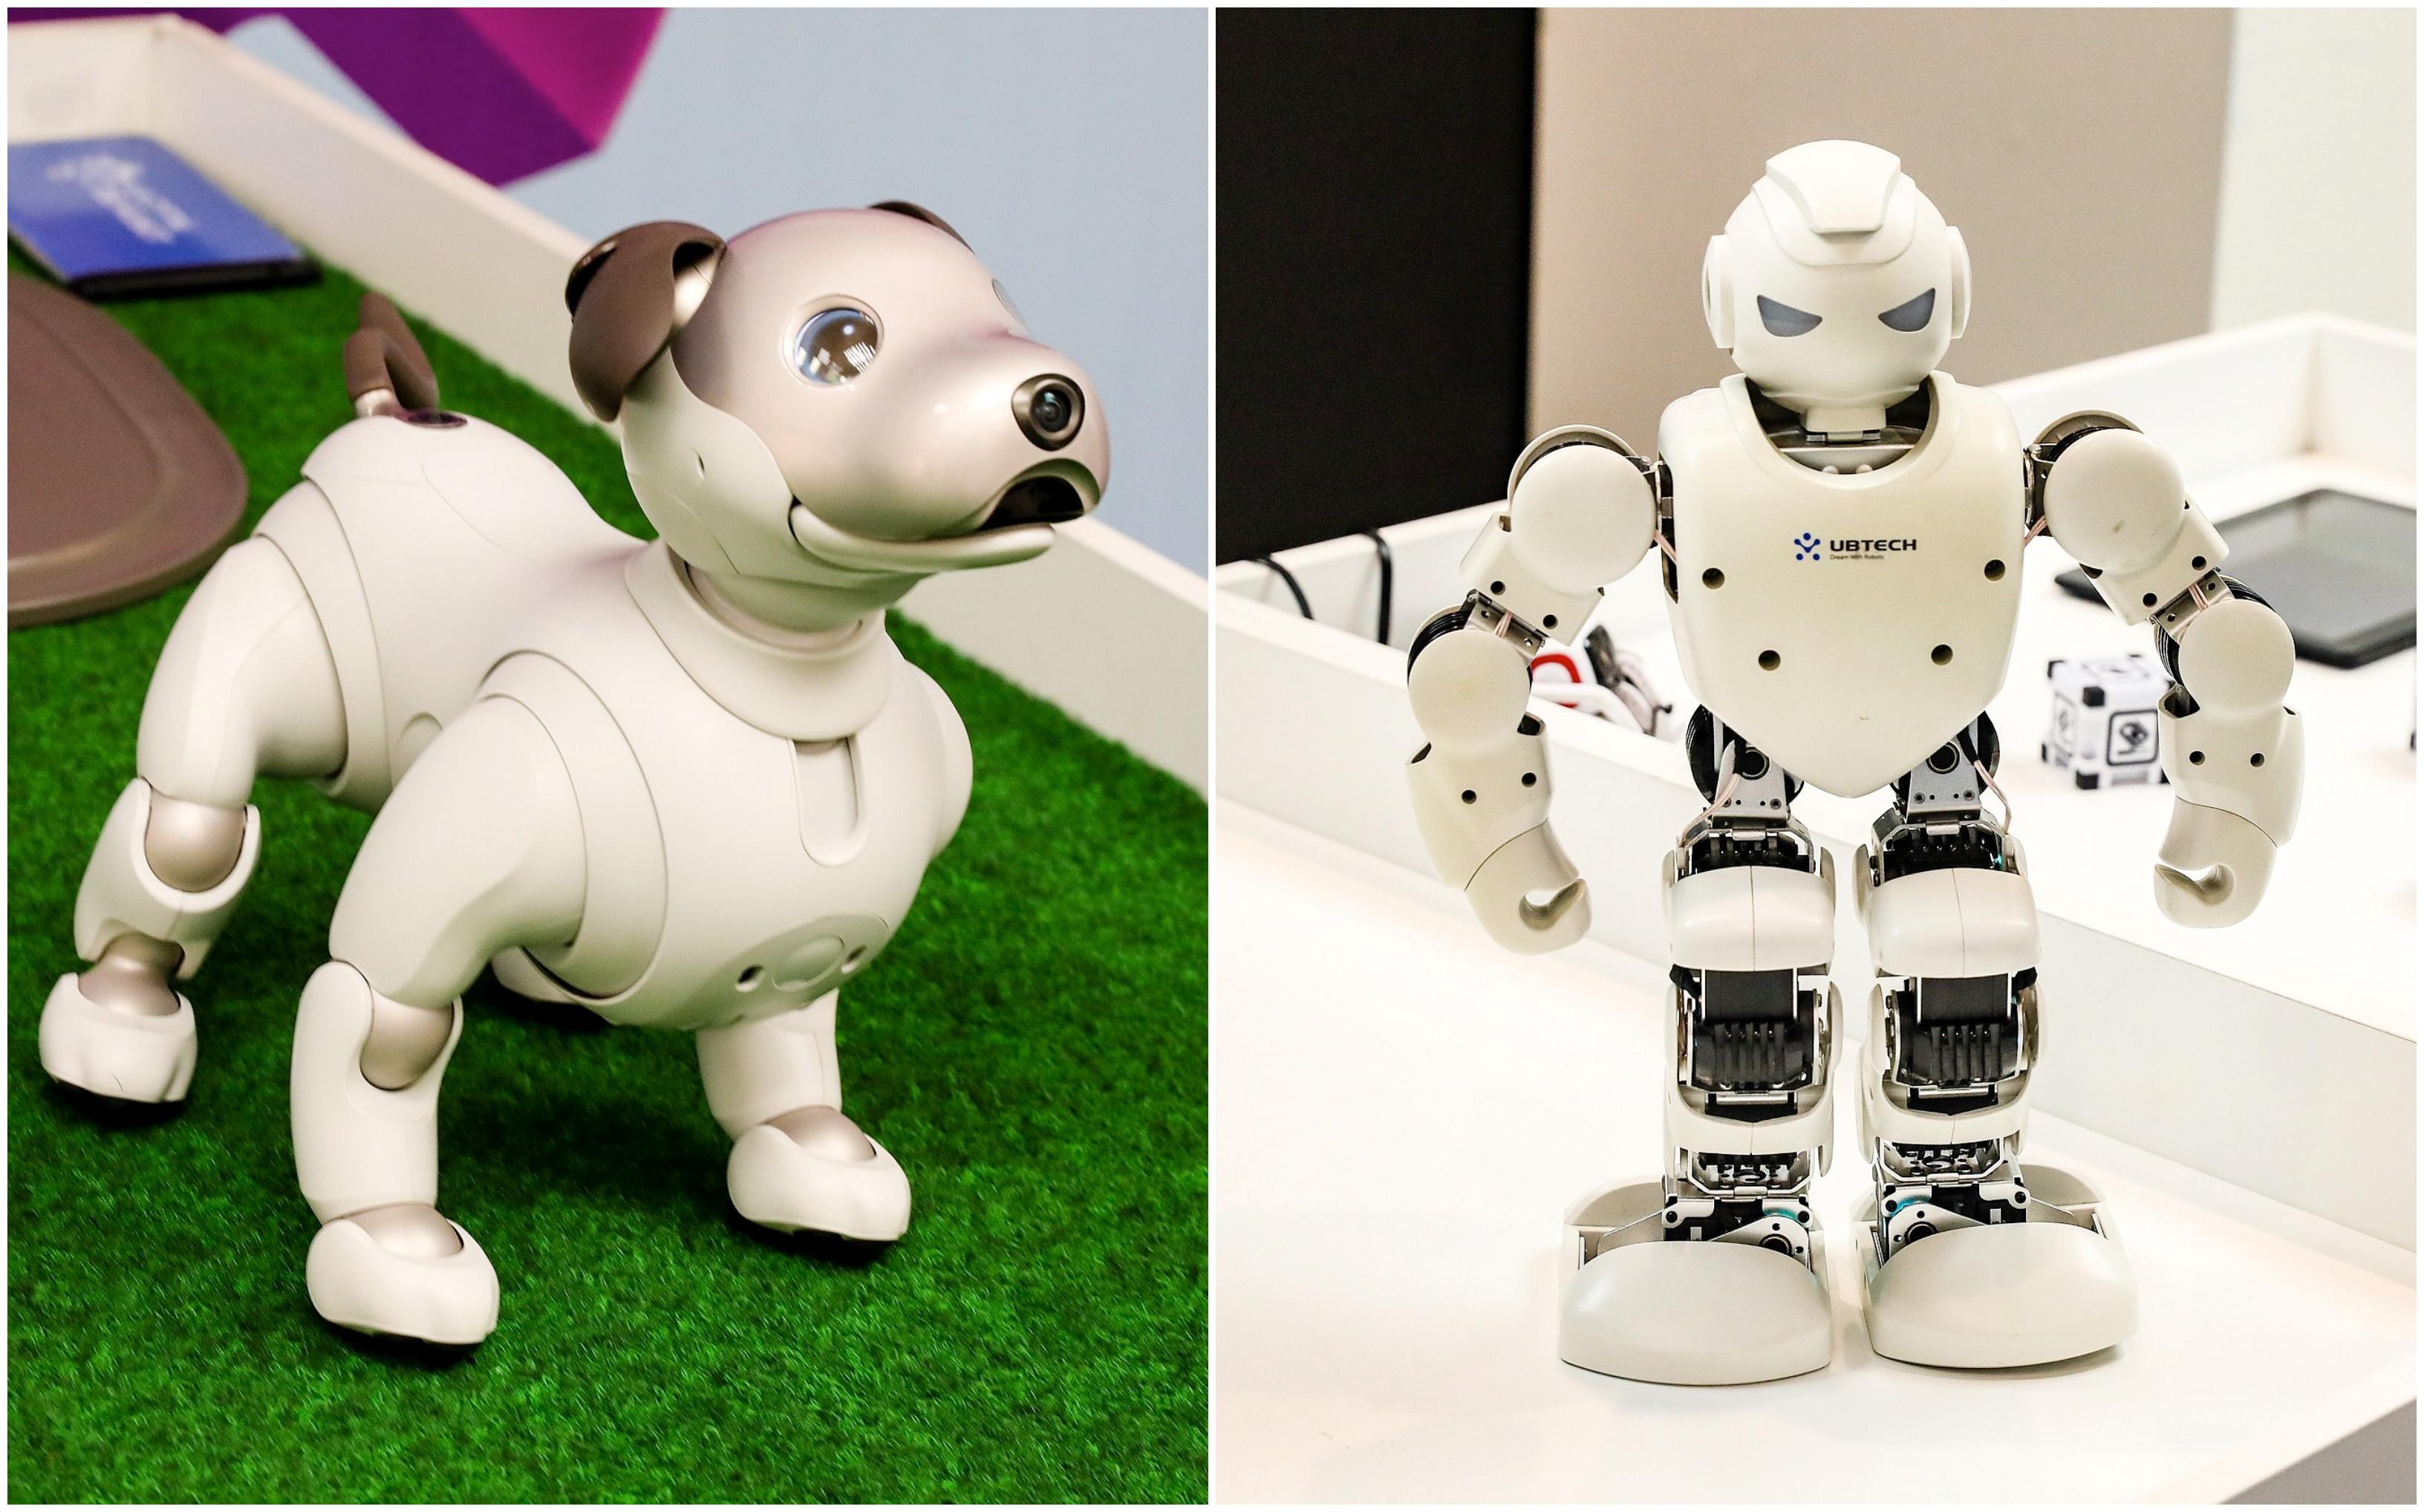 nauji prekybos robotai lengviausias sąžiningas uždarbis